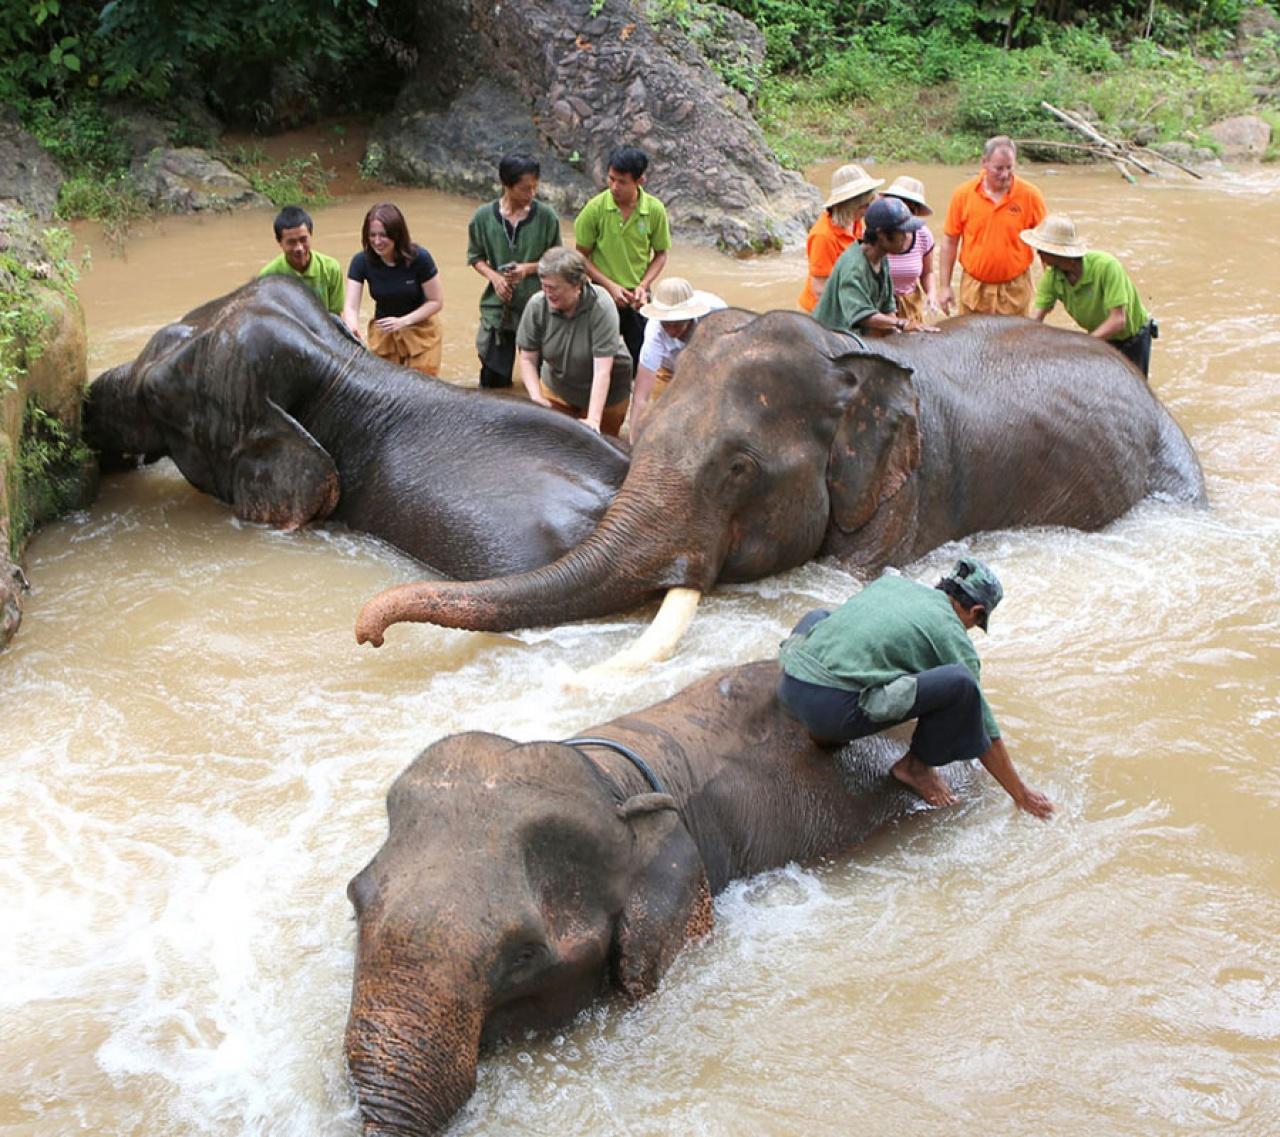 緬甸伐木業將老象淘汰,幸得義工團體將部份救到拯救中心,值得大家支持。(Green Hill Valley Elephant Camp)